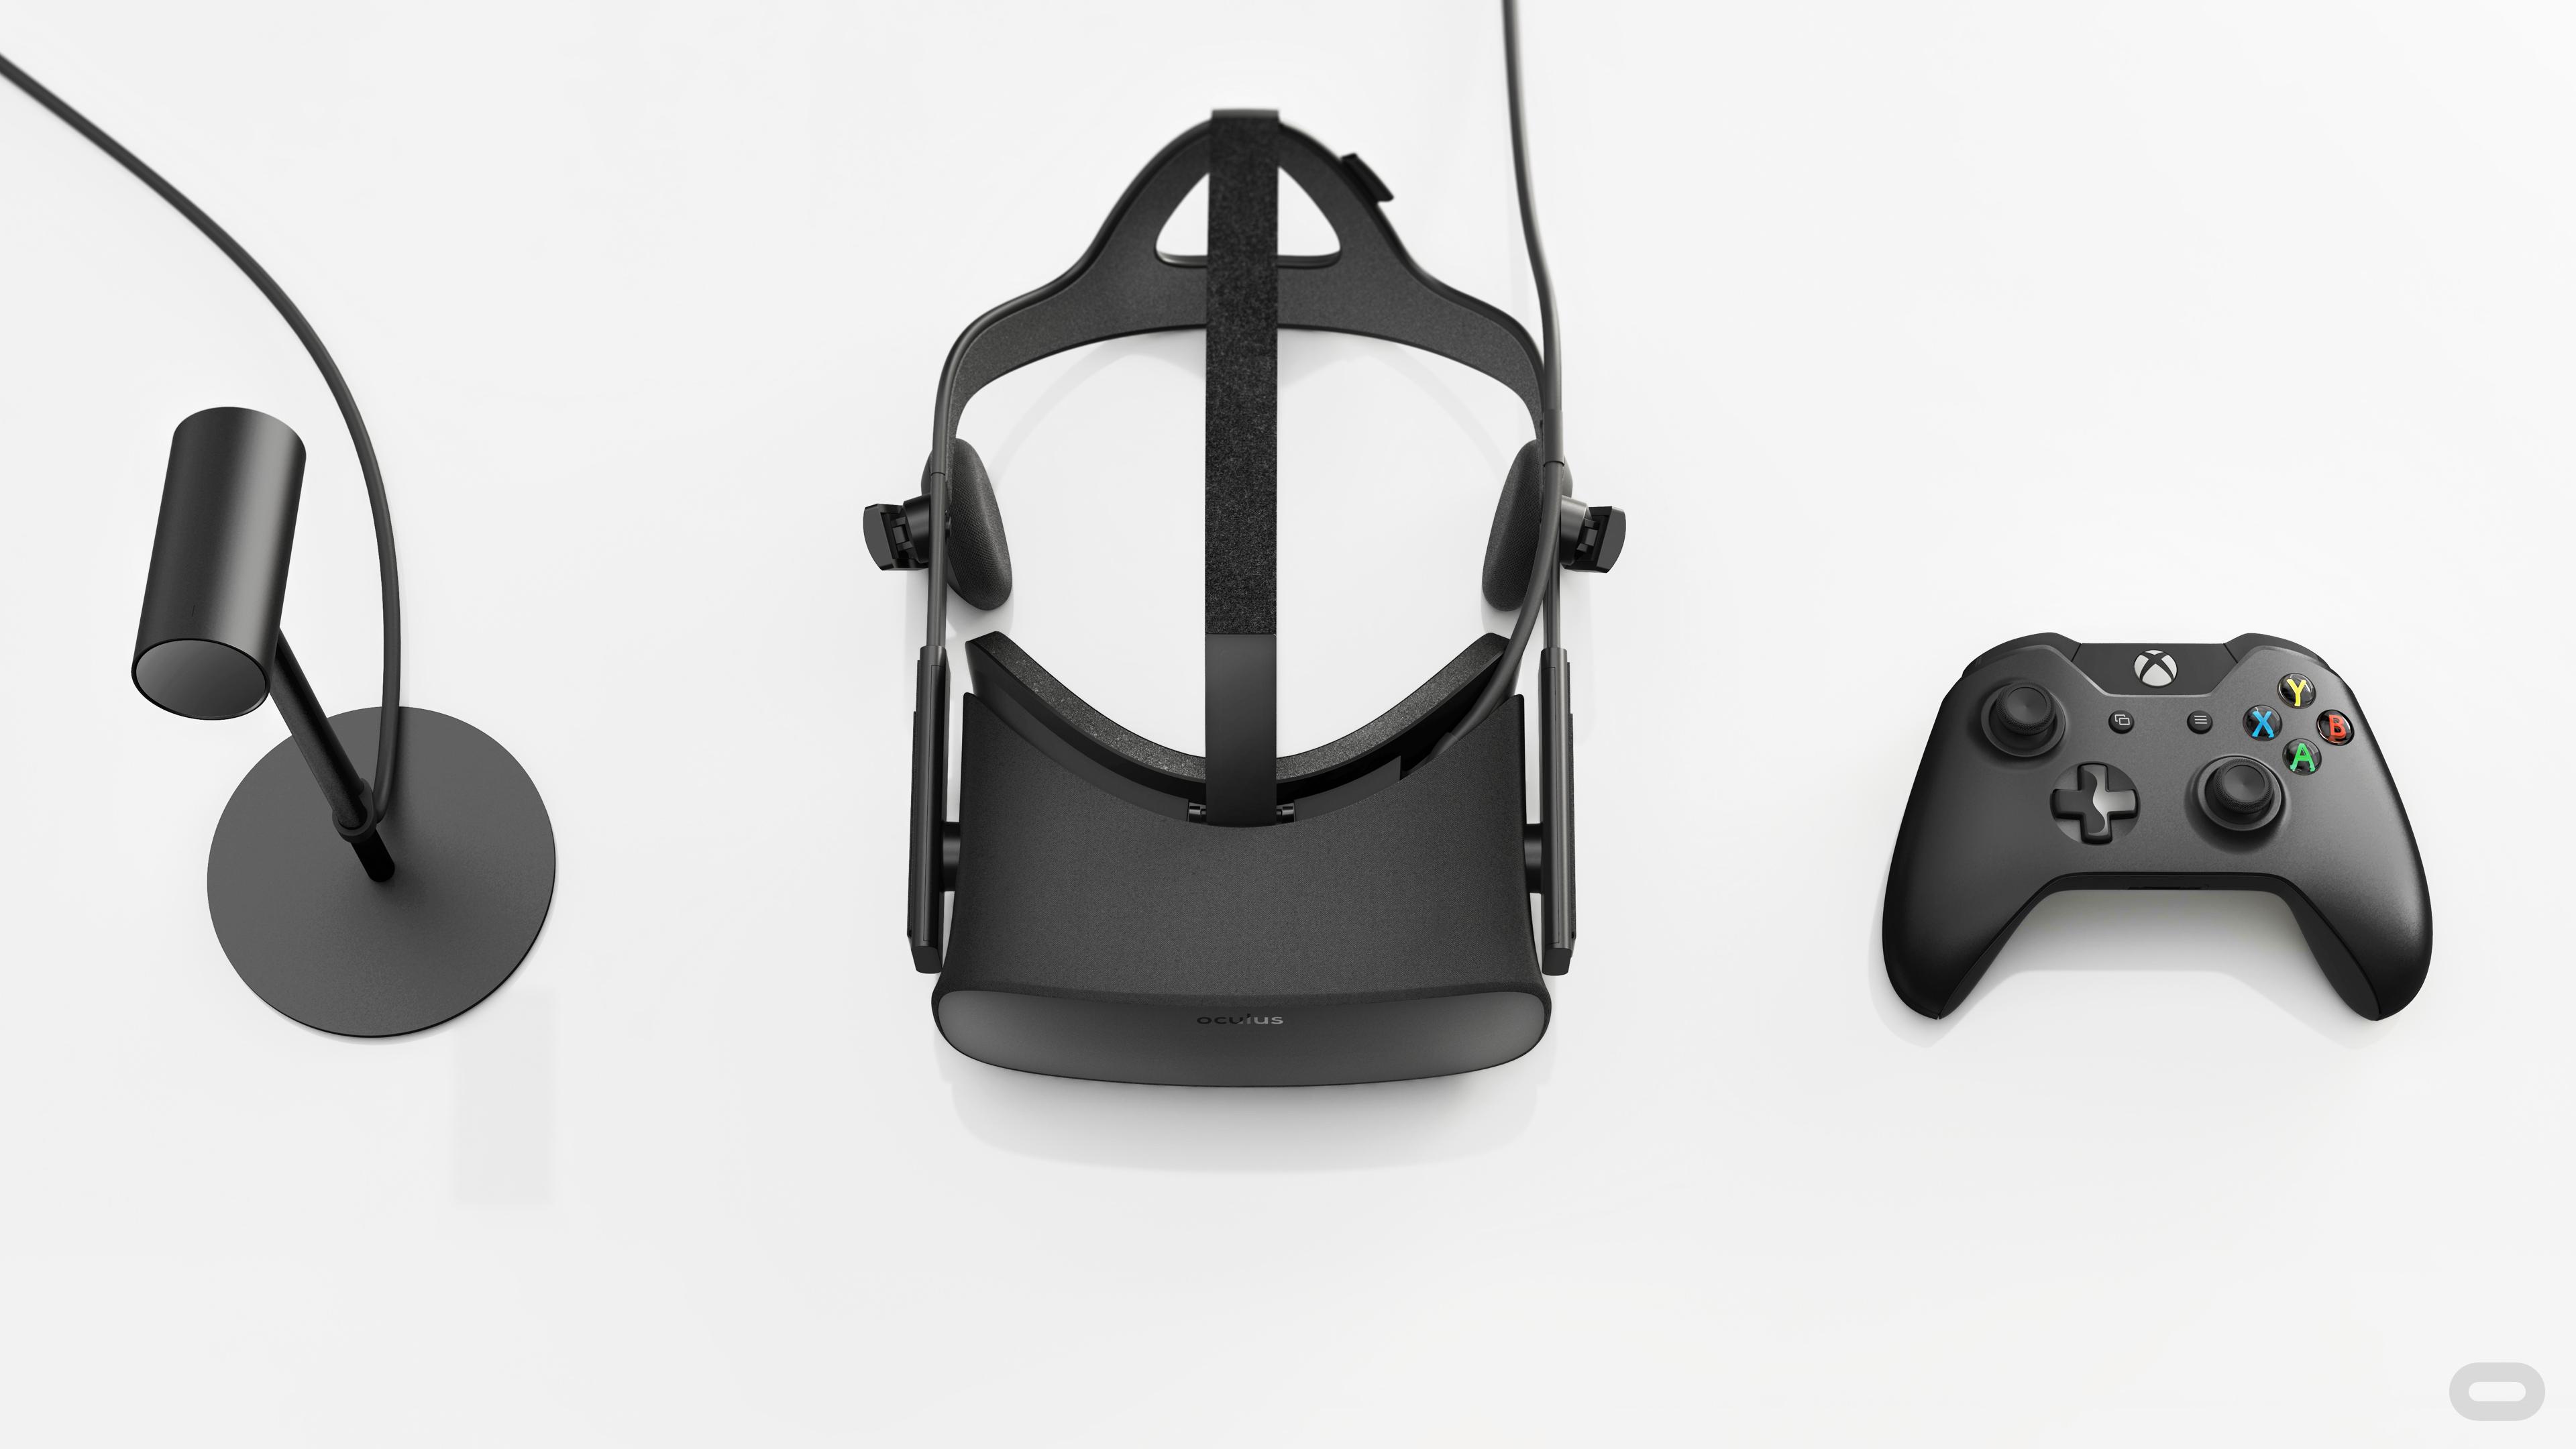 Oculus Rift impressions